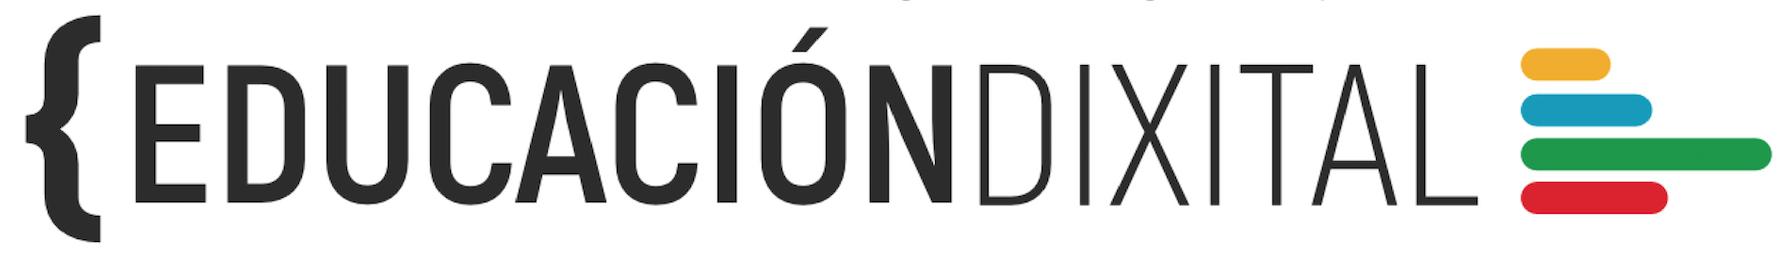 Logotipo de Educación Dixital